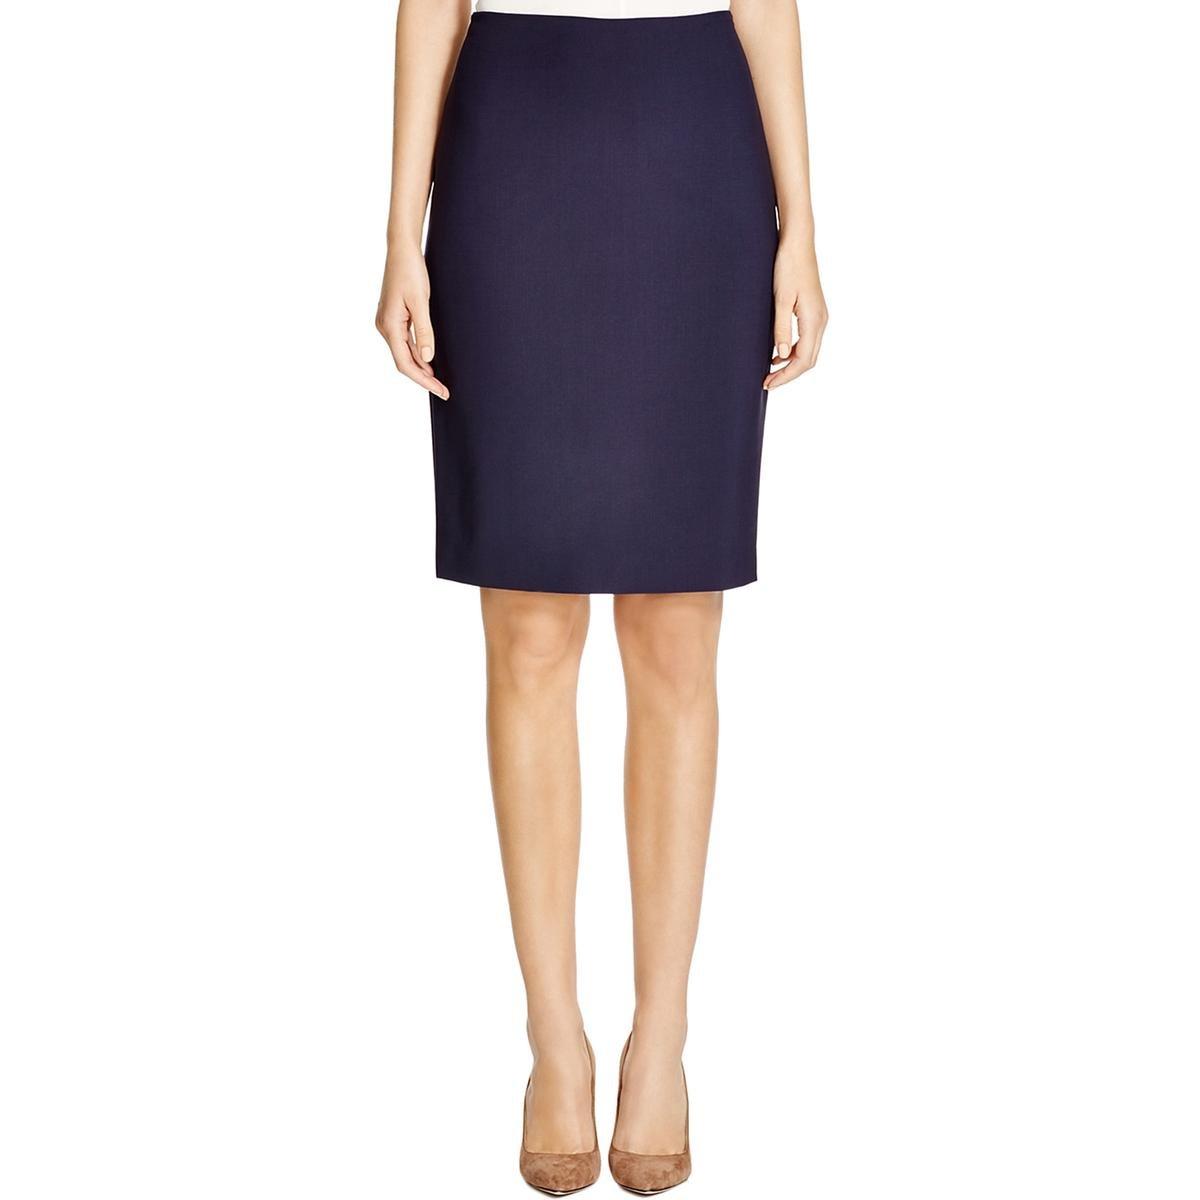 Elie Tahari Womens Penelope Skirt Wool A-Line Pencil Skirt Navy 16